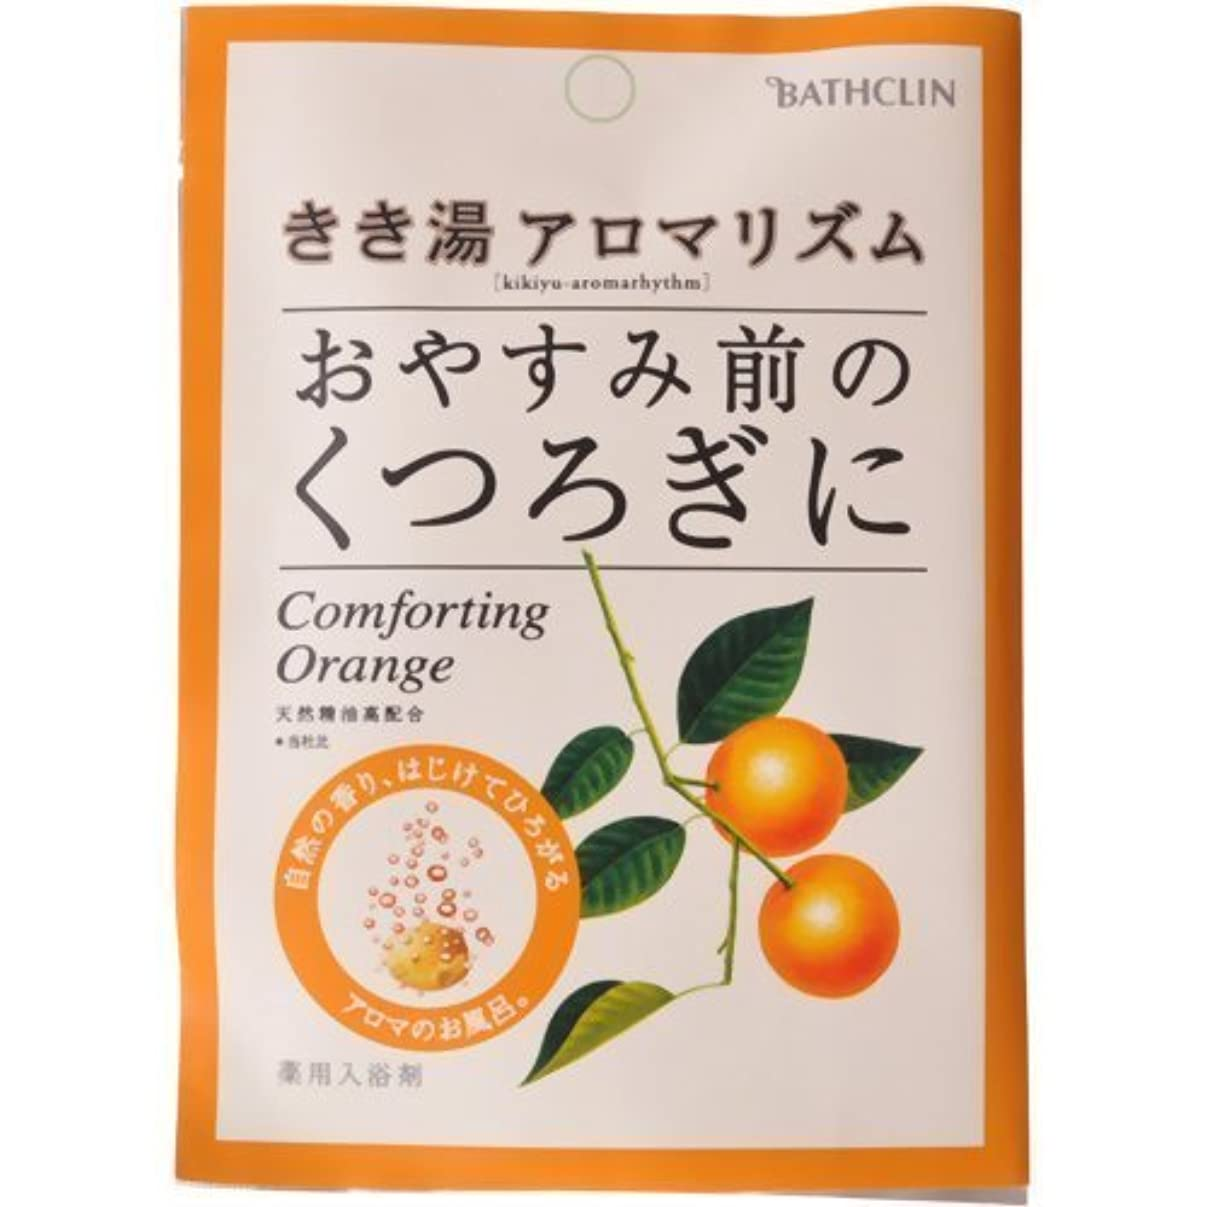 絶望的な少し酸っぱいきき湯 アロマリズム コンフォーティングの香り 30g